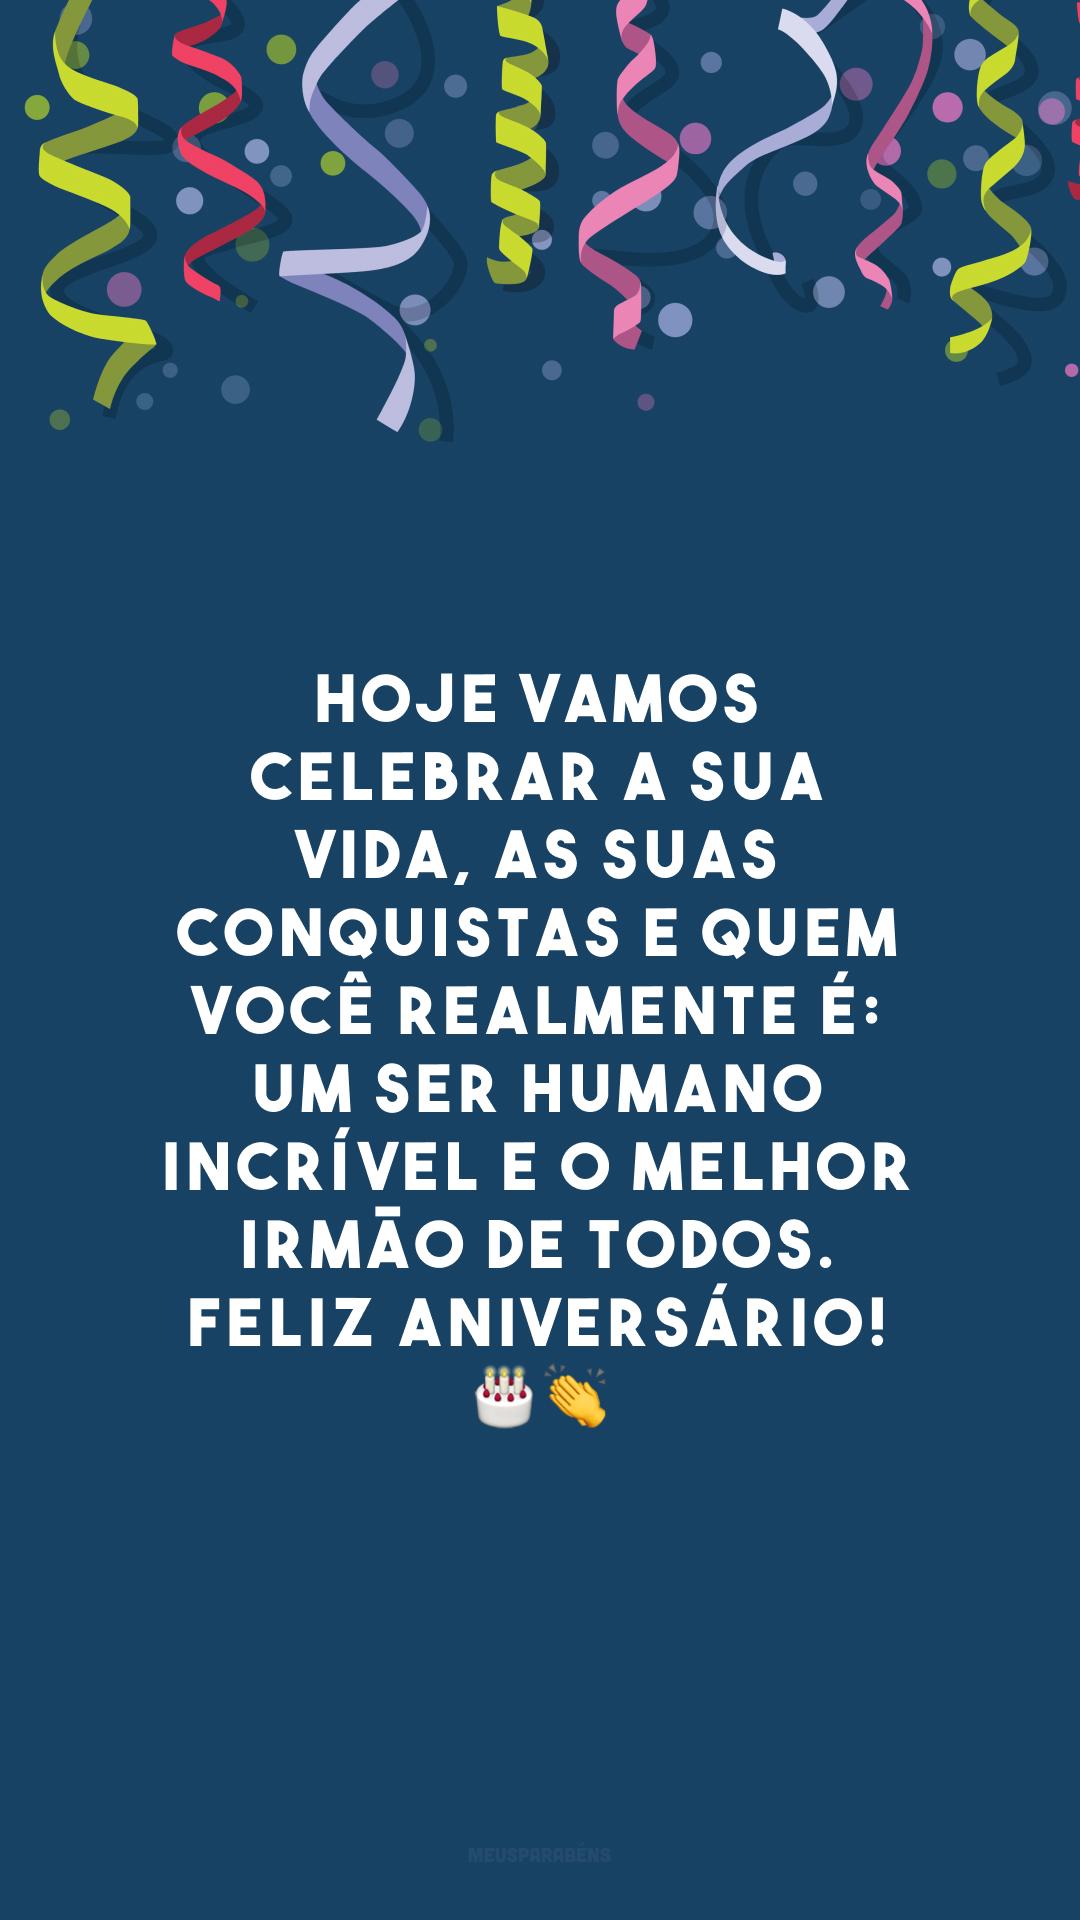 Hoje vamos celebrar a sua vida, as suas conquistas e quem você realmente é: um ser humano incrível e o melhor irmão de todos. Feliz aniversário! ??